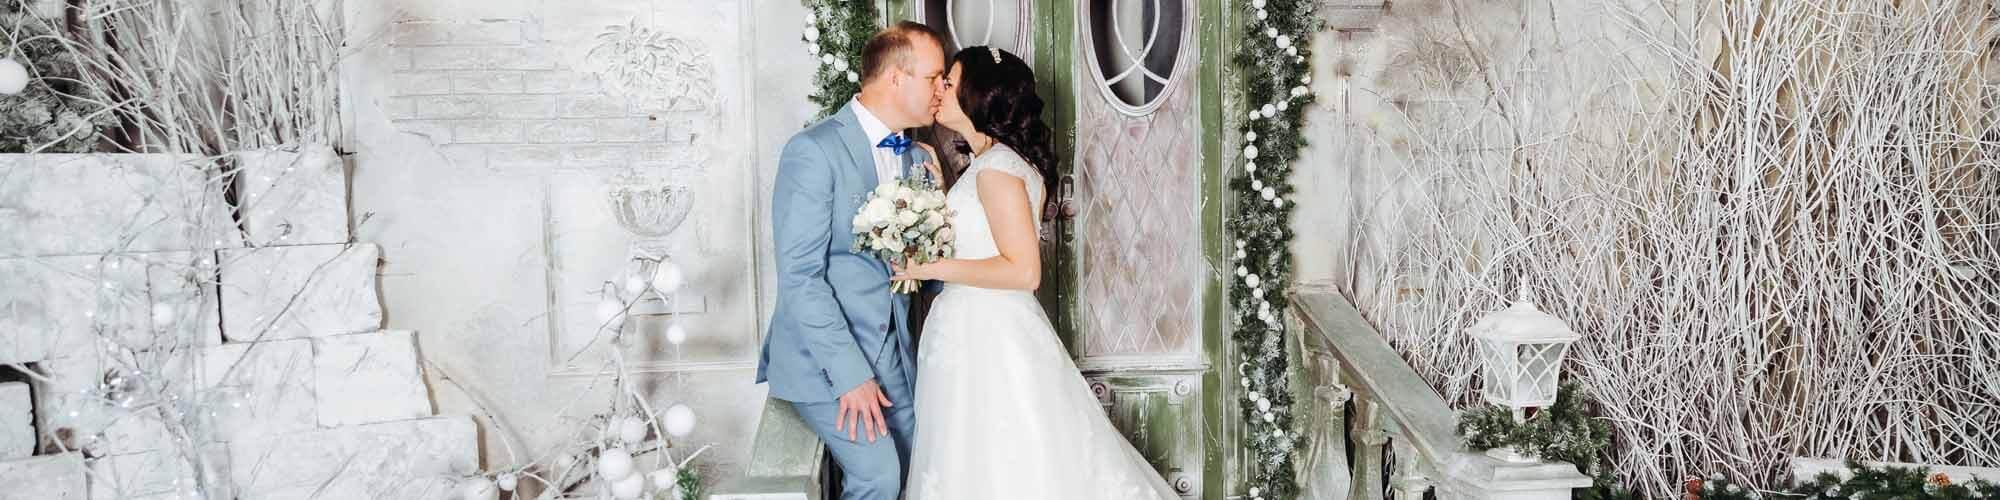 тематические свадьбы организация